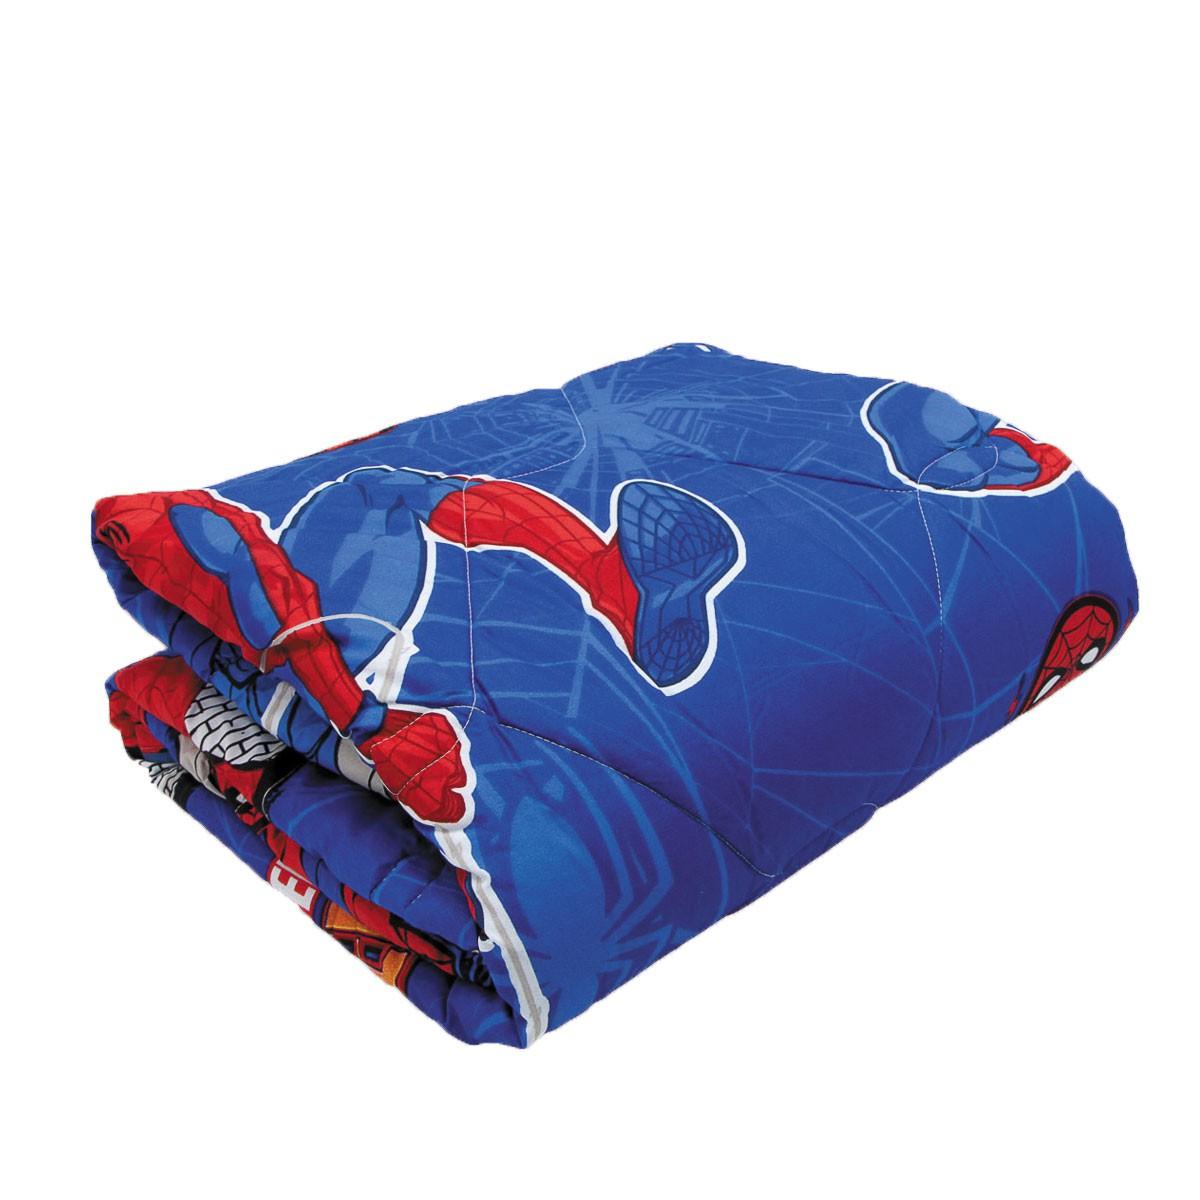 Kit Infantil Homem Aranha Spider Man Edredom + Jogo Cama + Cortina Lepper